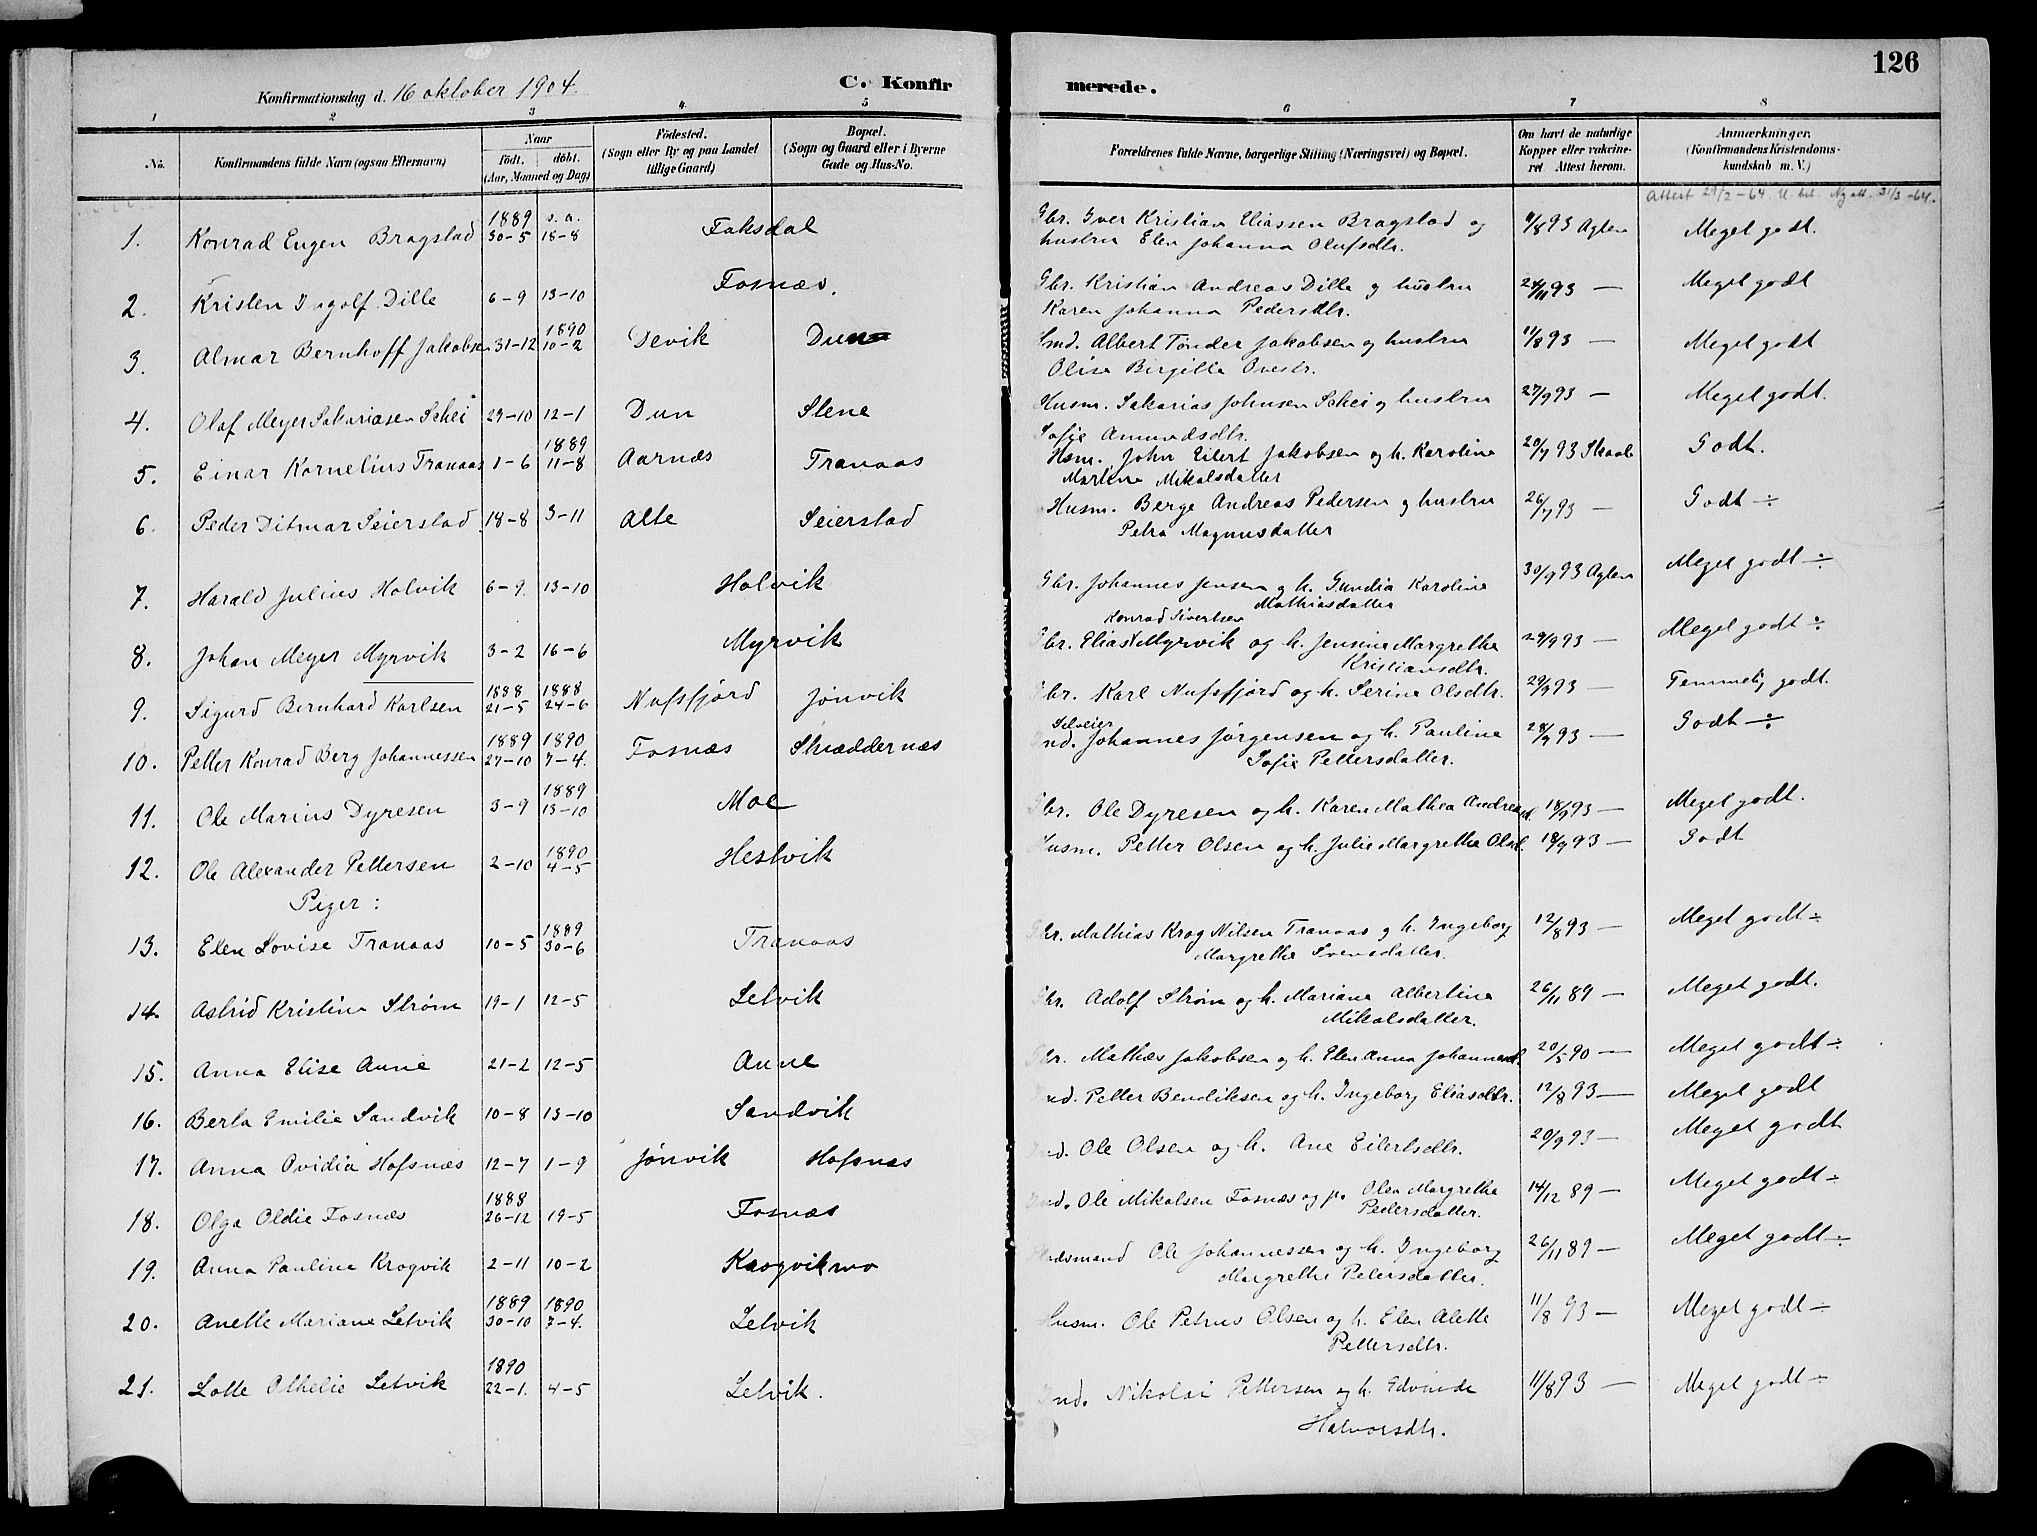 SAT, Ministerialprotokoller, klokkerbøker og fødselsregistre - Nord-Trøndelag, 773/L0617: Ministerialbok nr. 773A08, 1887-1910, s. 126